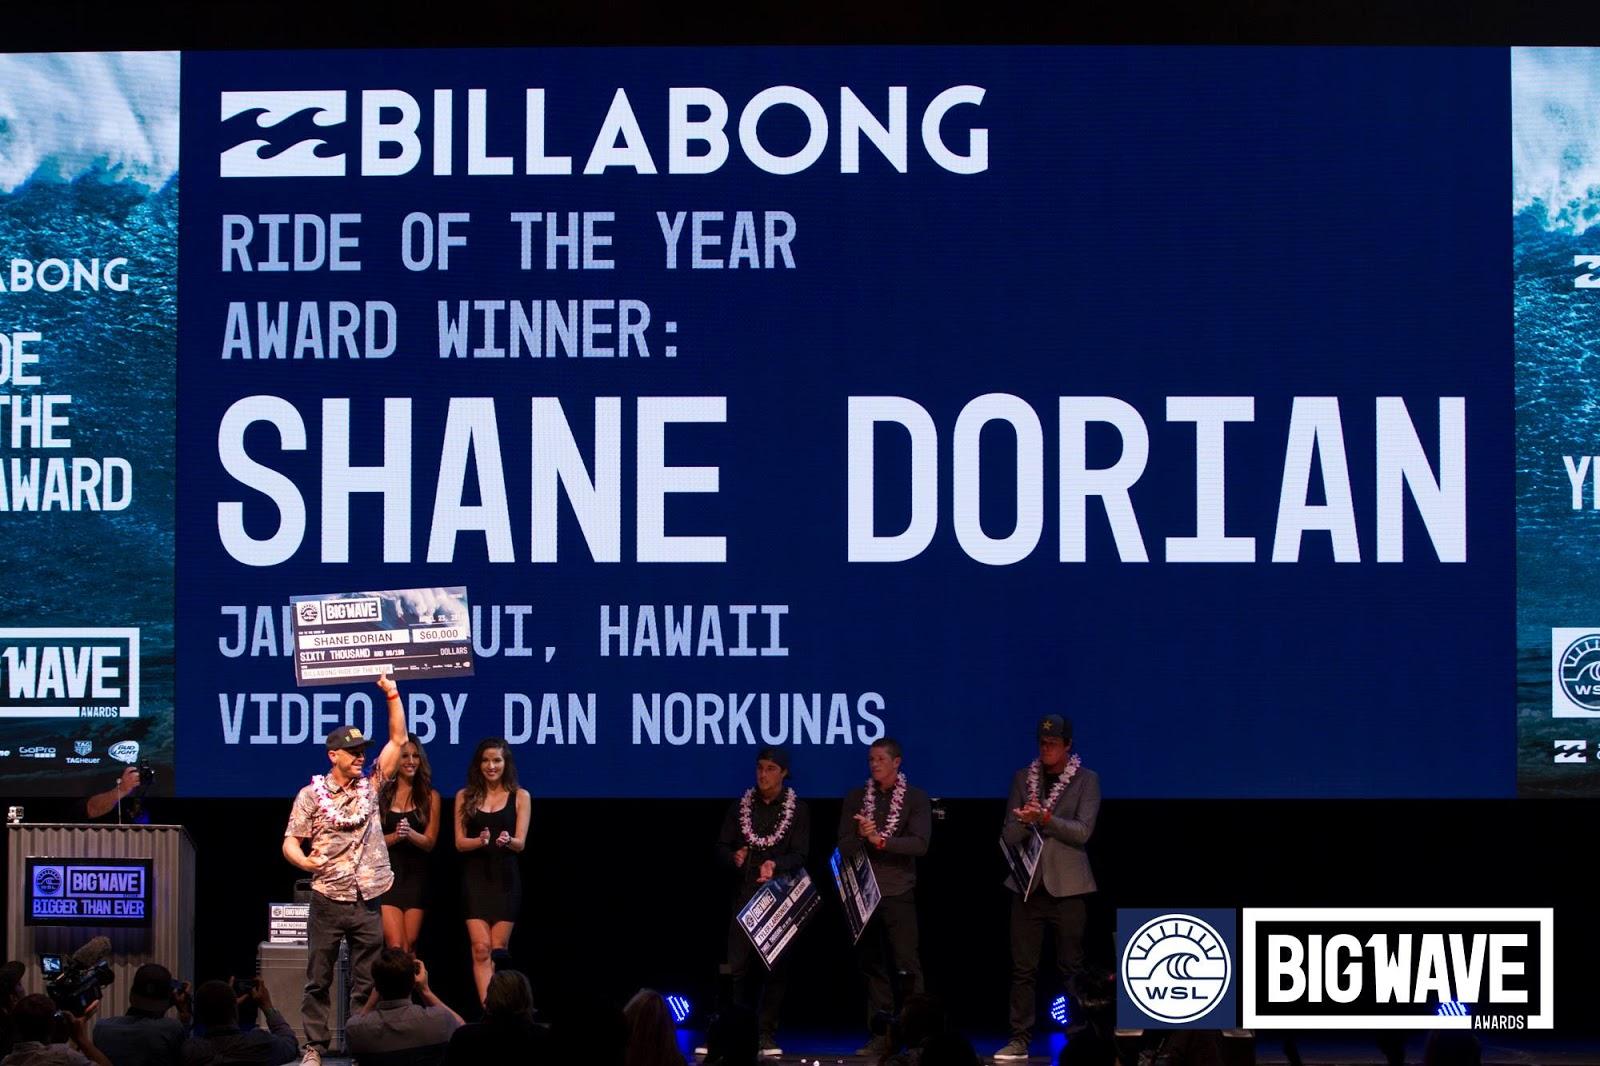 shane dorian billabong xxl